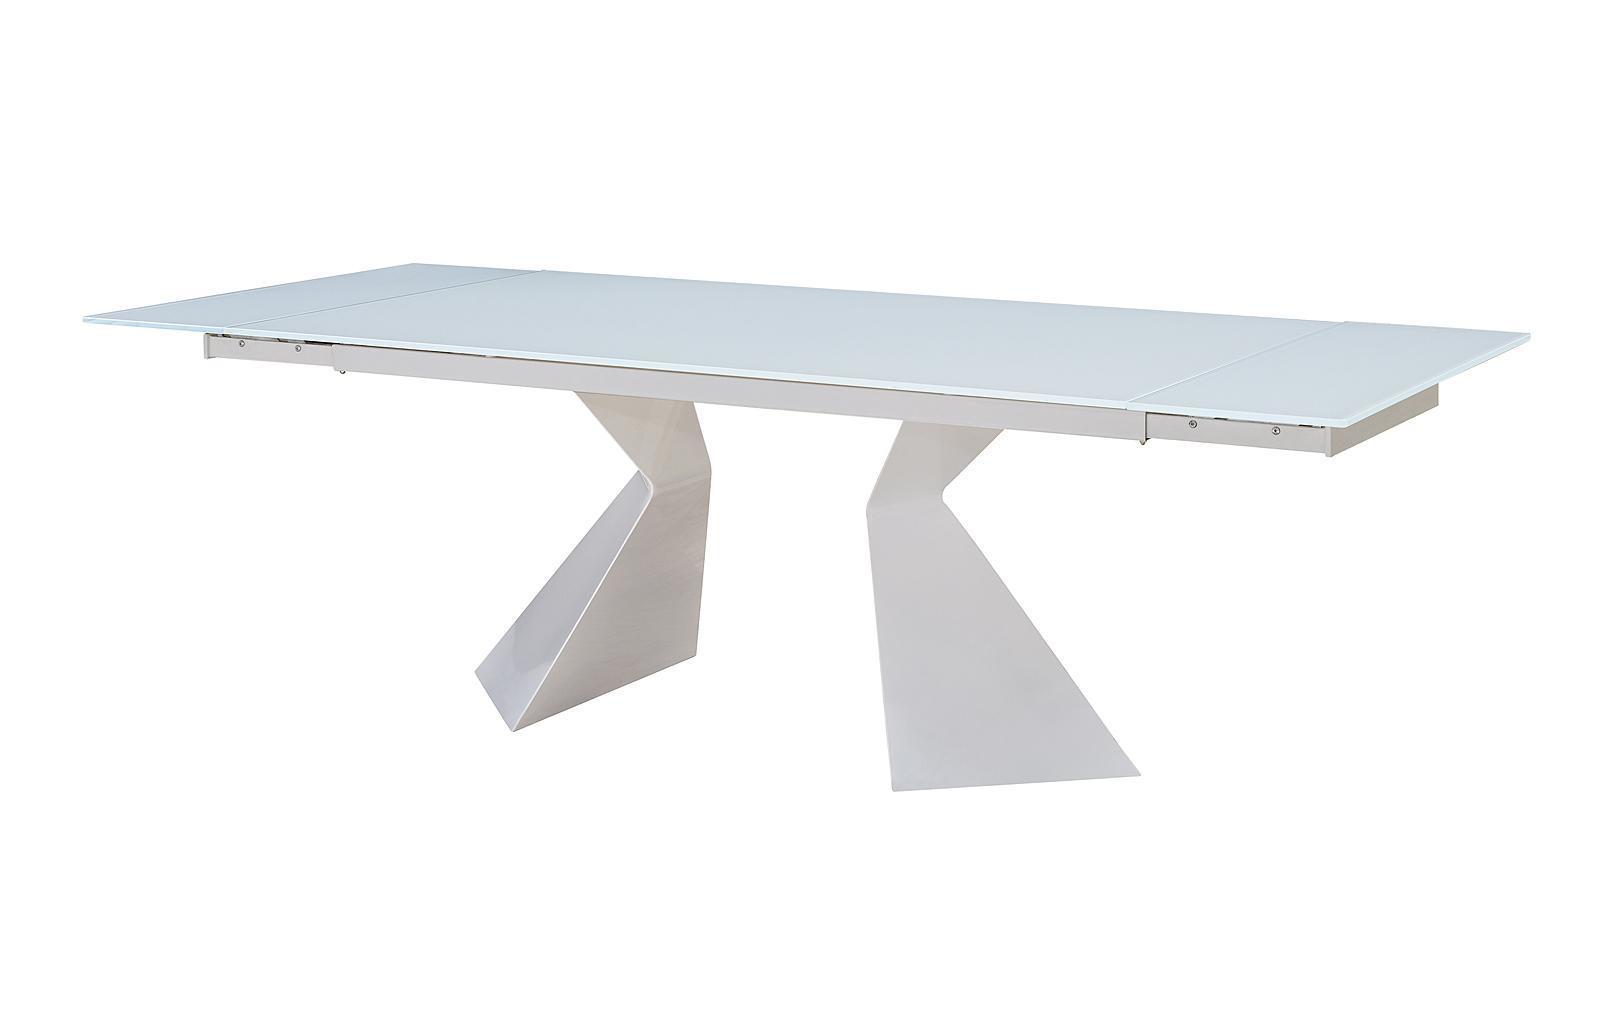 Стол ESF CT992 белый в разложенном состоянии